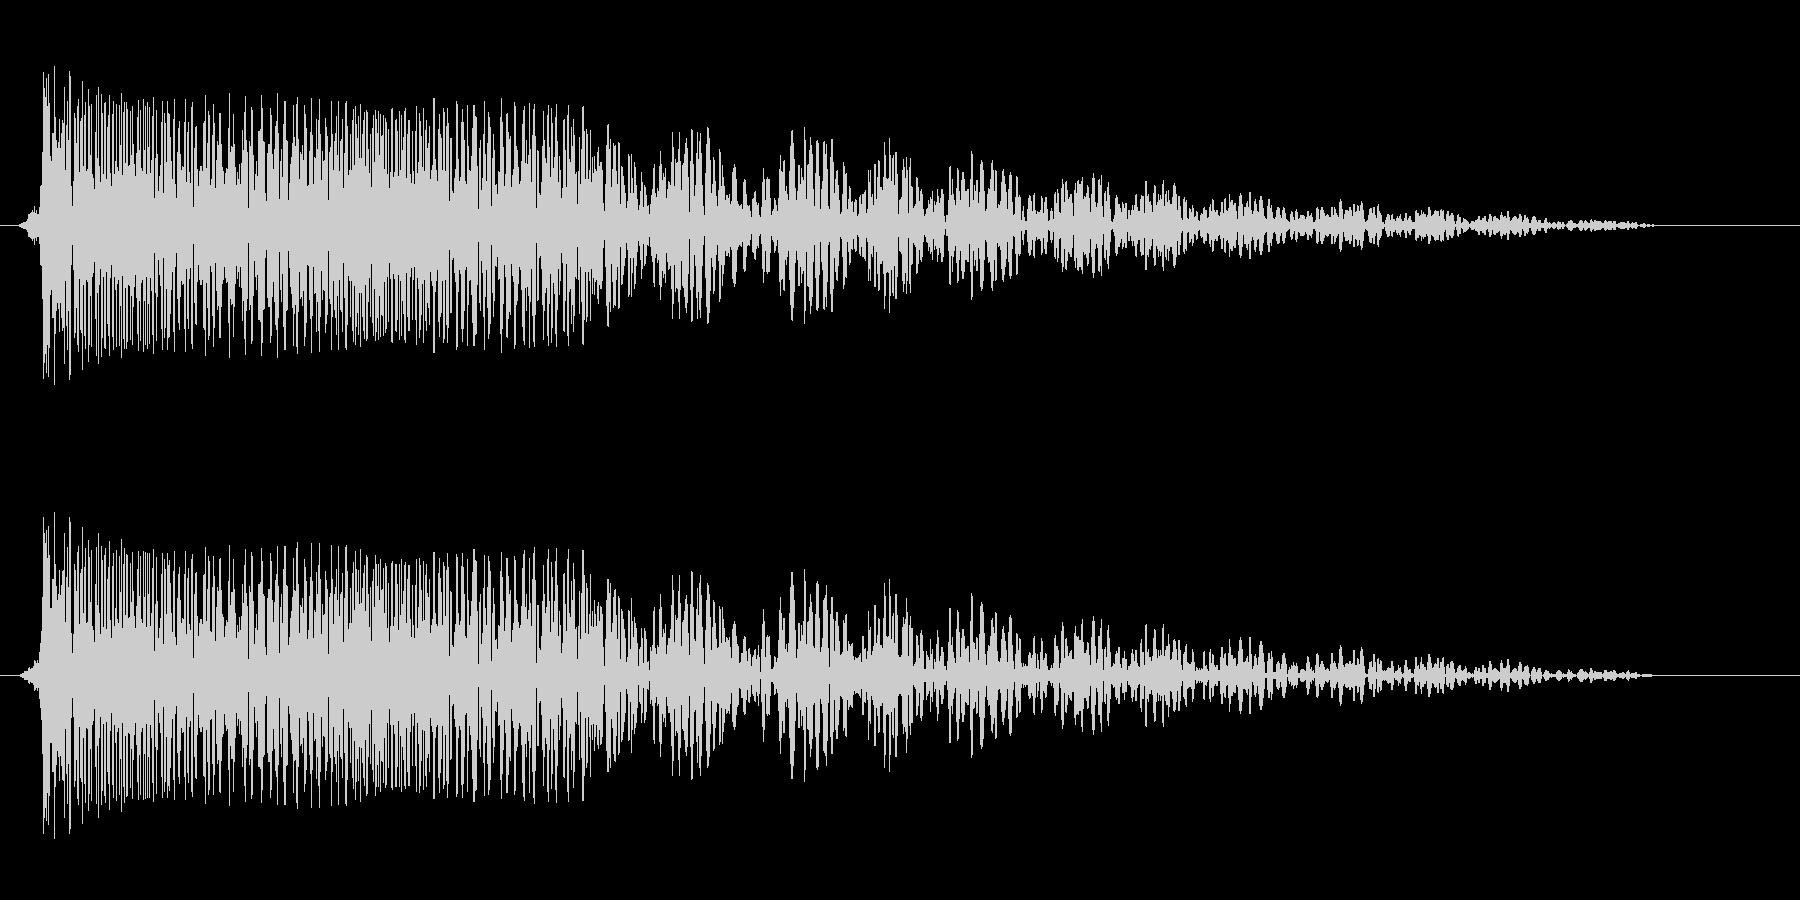 ビヨヨヨーン(低音強め)の未再生の波形